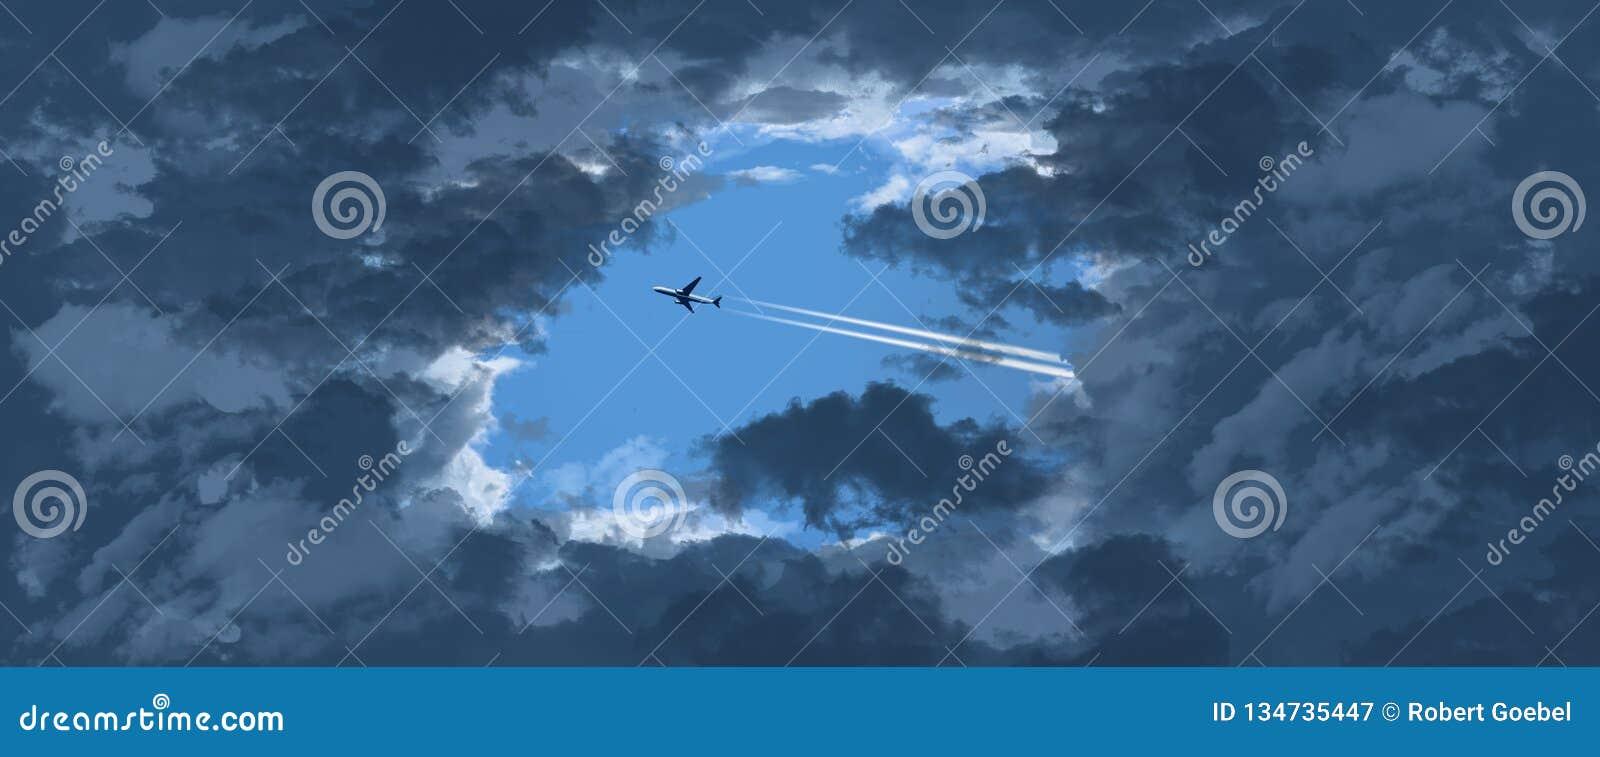 Dżetowy samolot zobaczy przez otwarcia w ciemnienie chmurach gdy ono lata przez niebieskie niebo inaczej